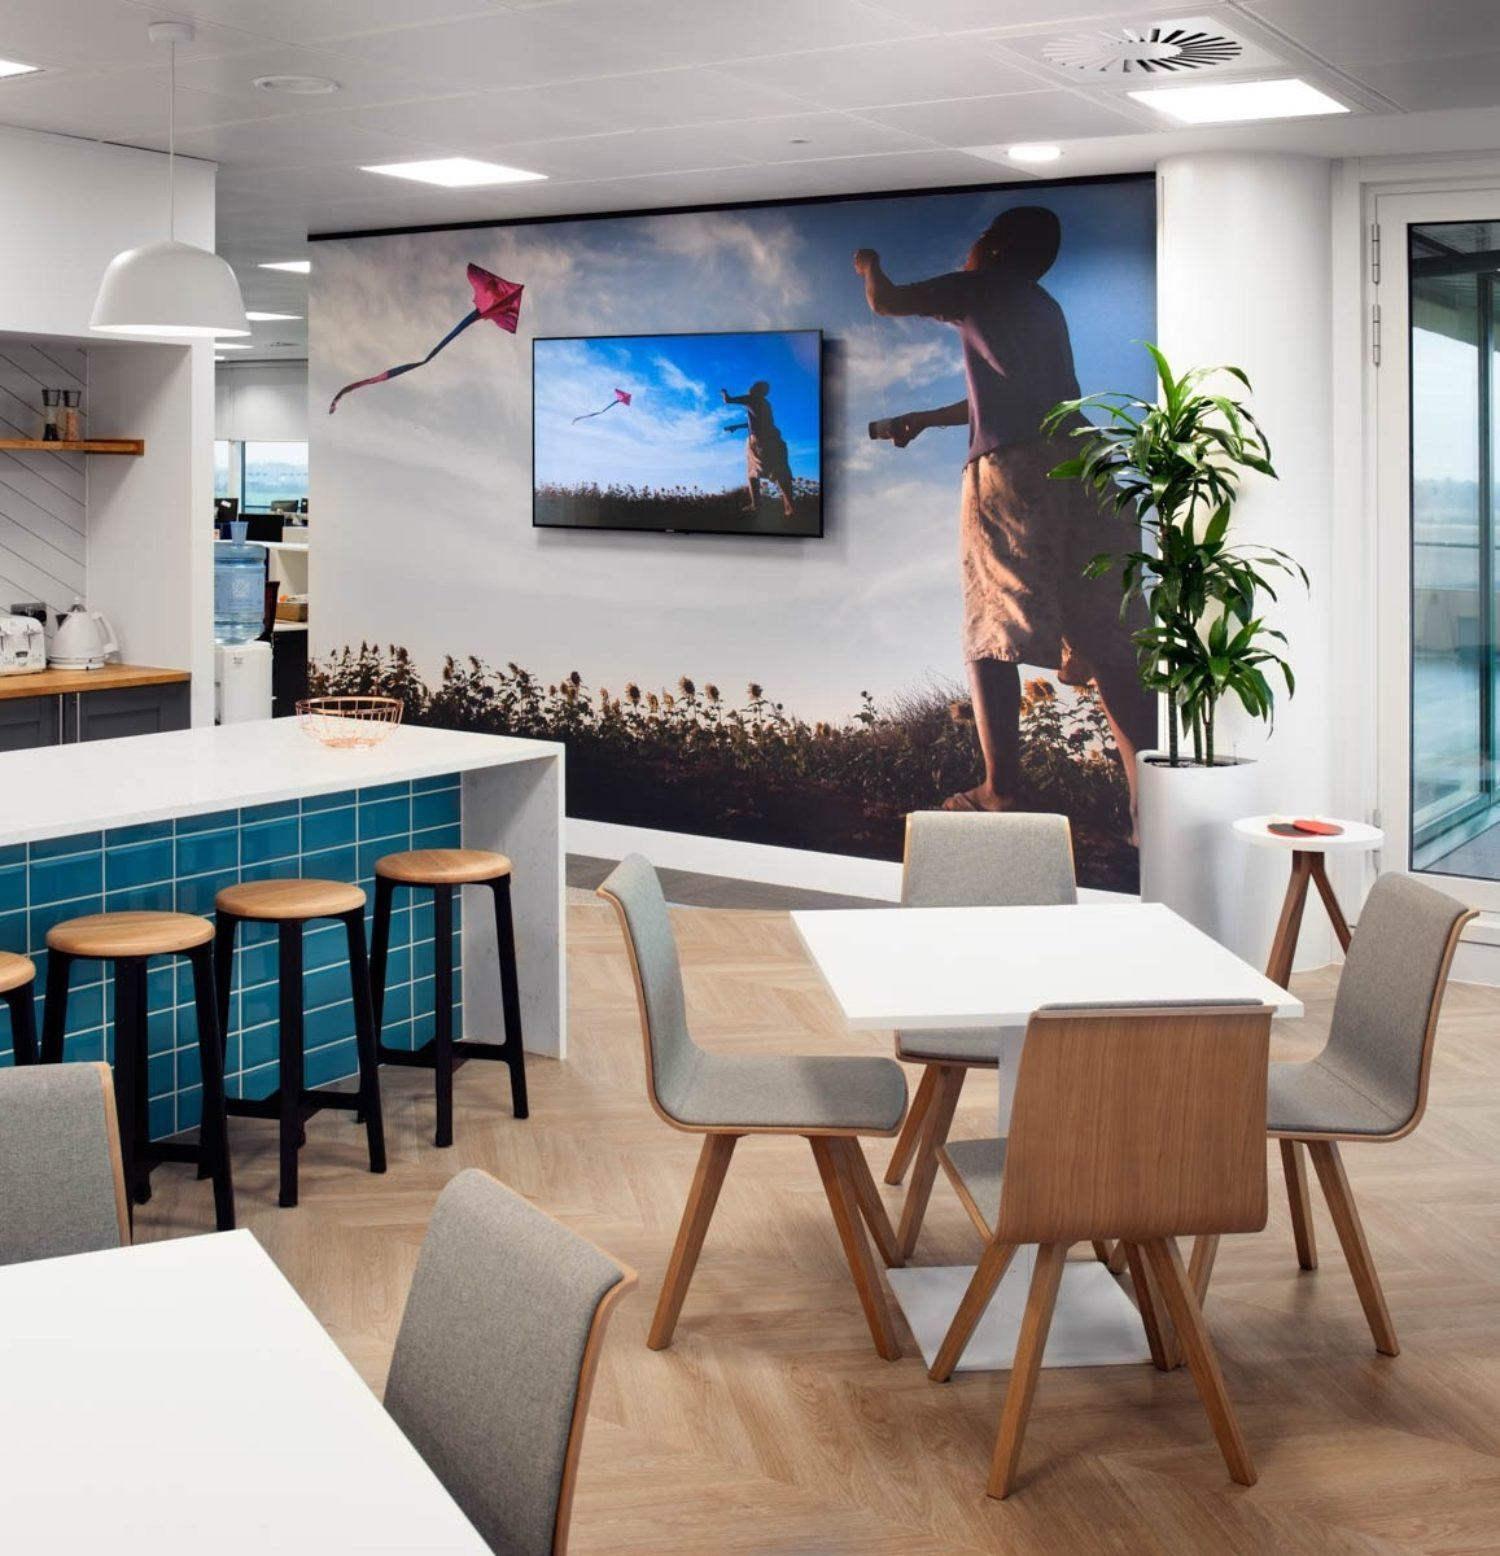 EUSA pharma office kitchen seating